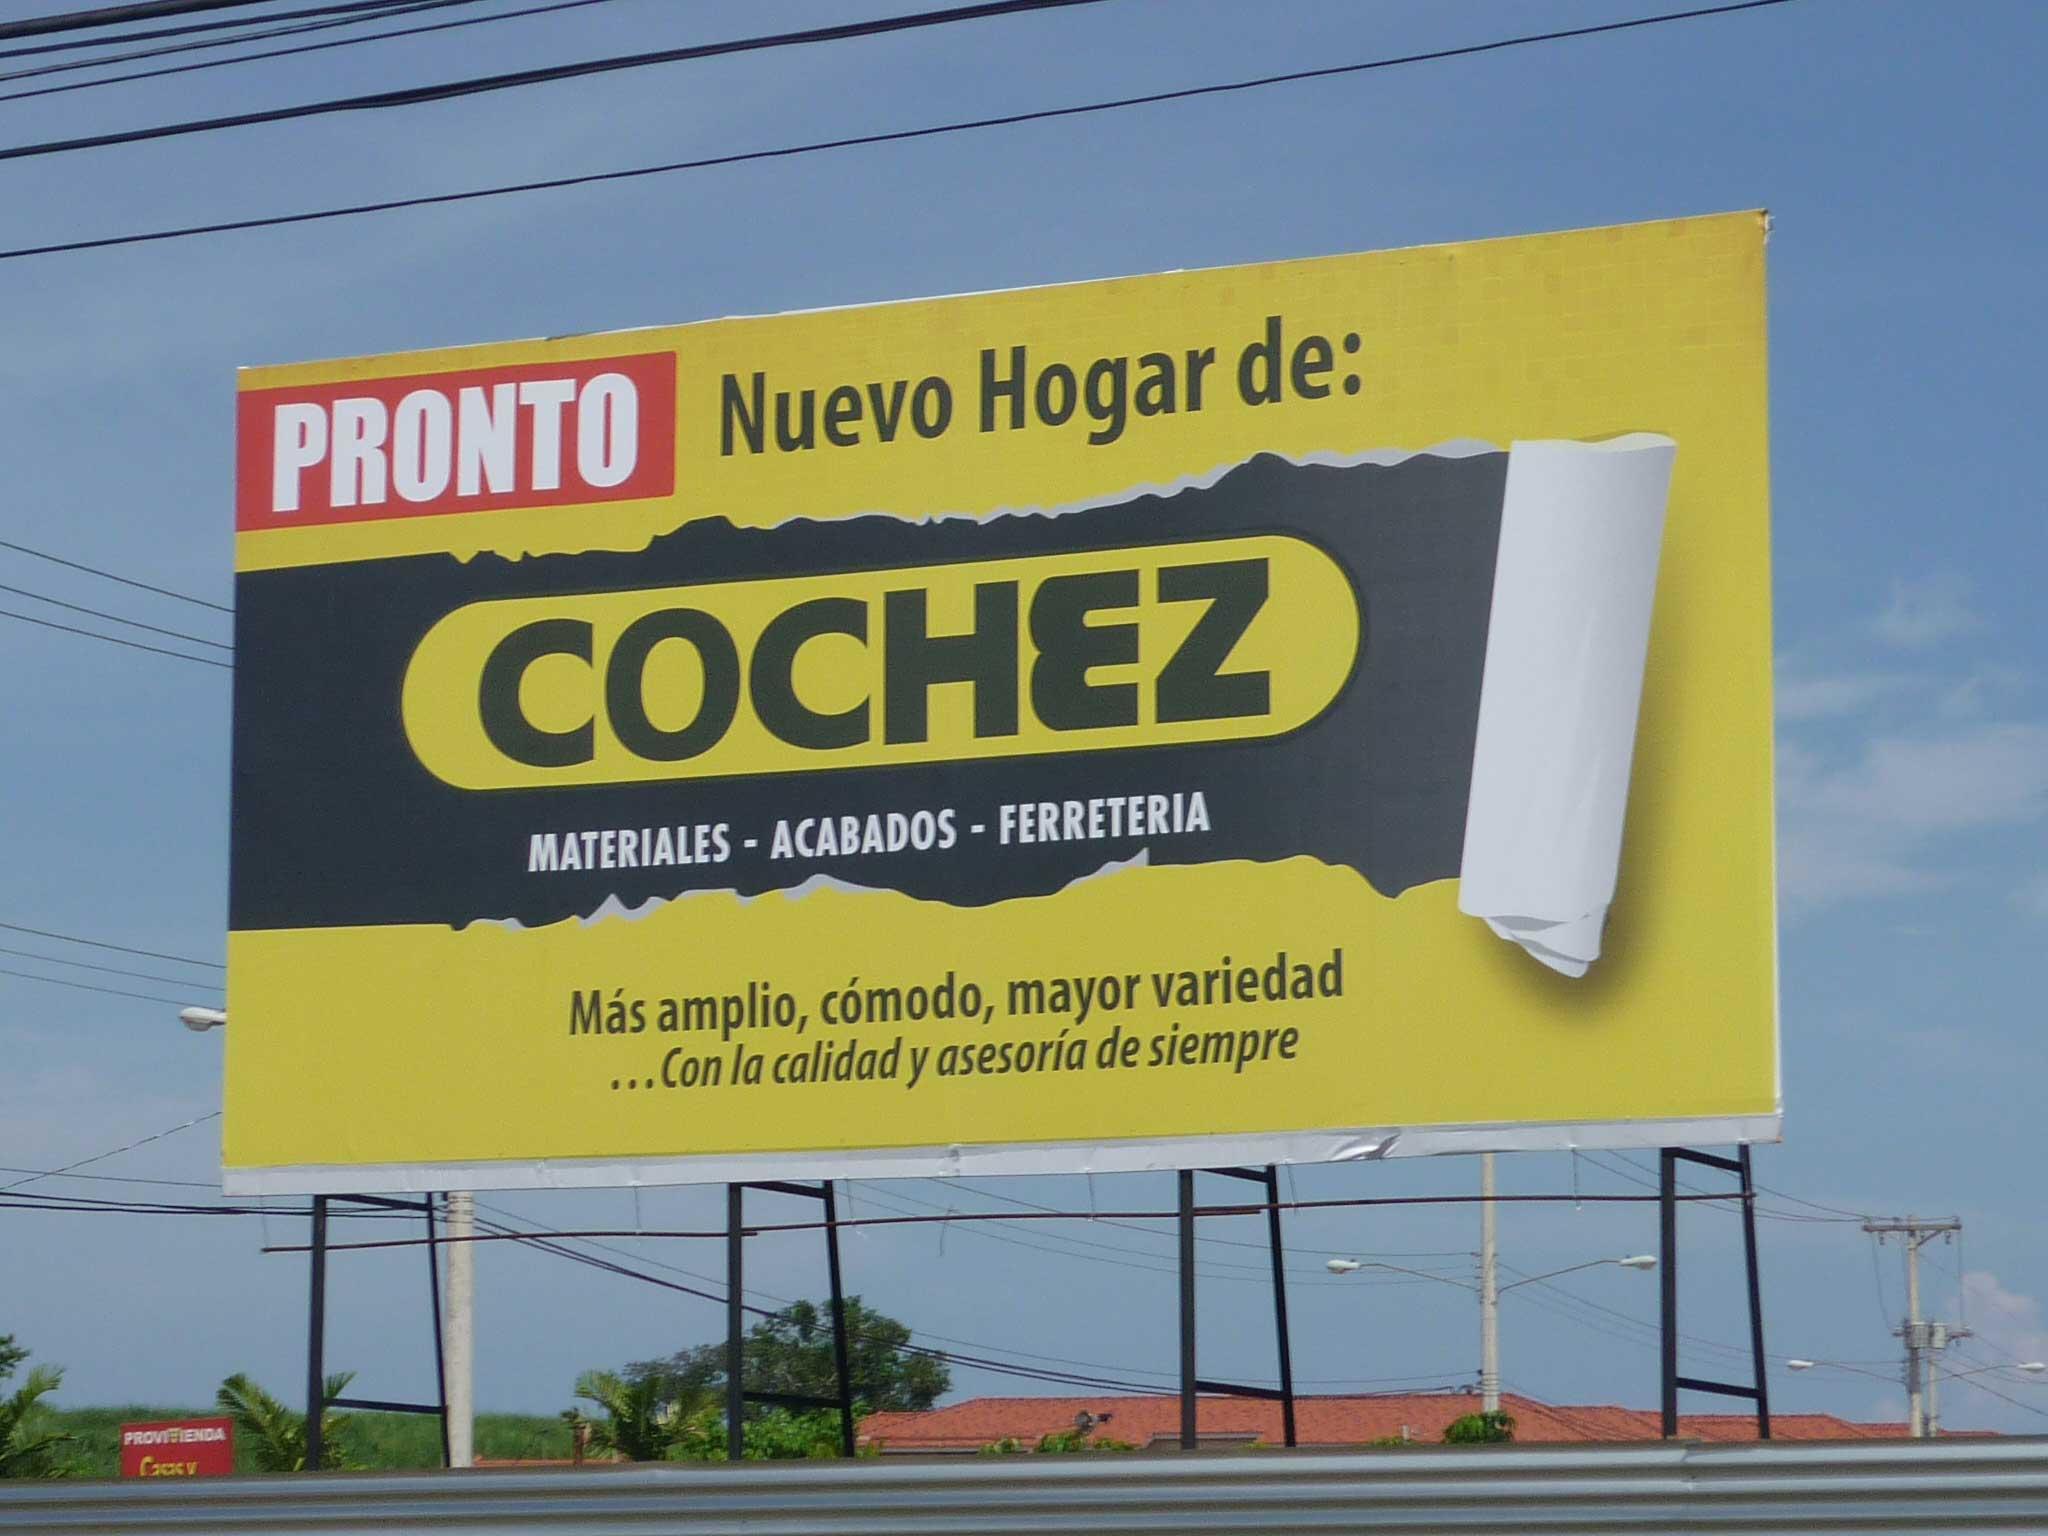 Imagen actual publicidad exterior en panam - Fotos de vallas ...